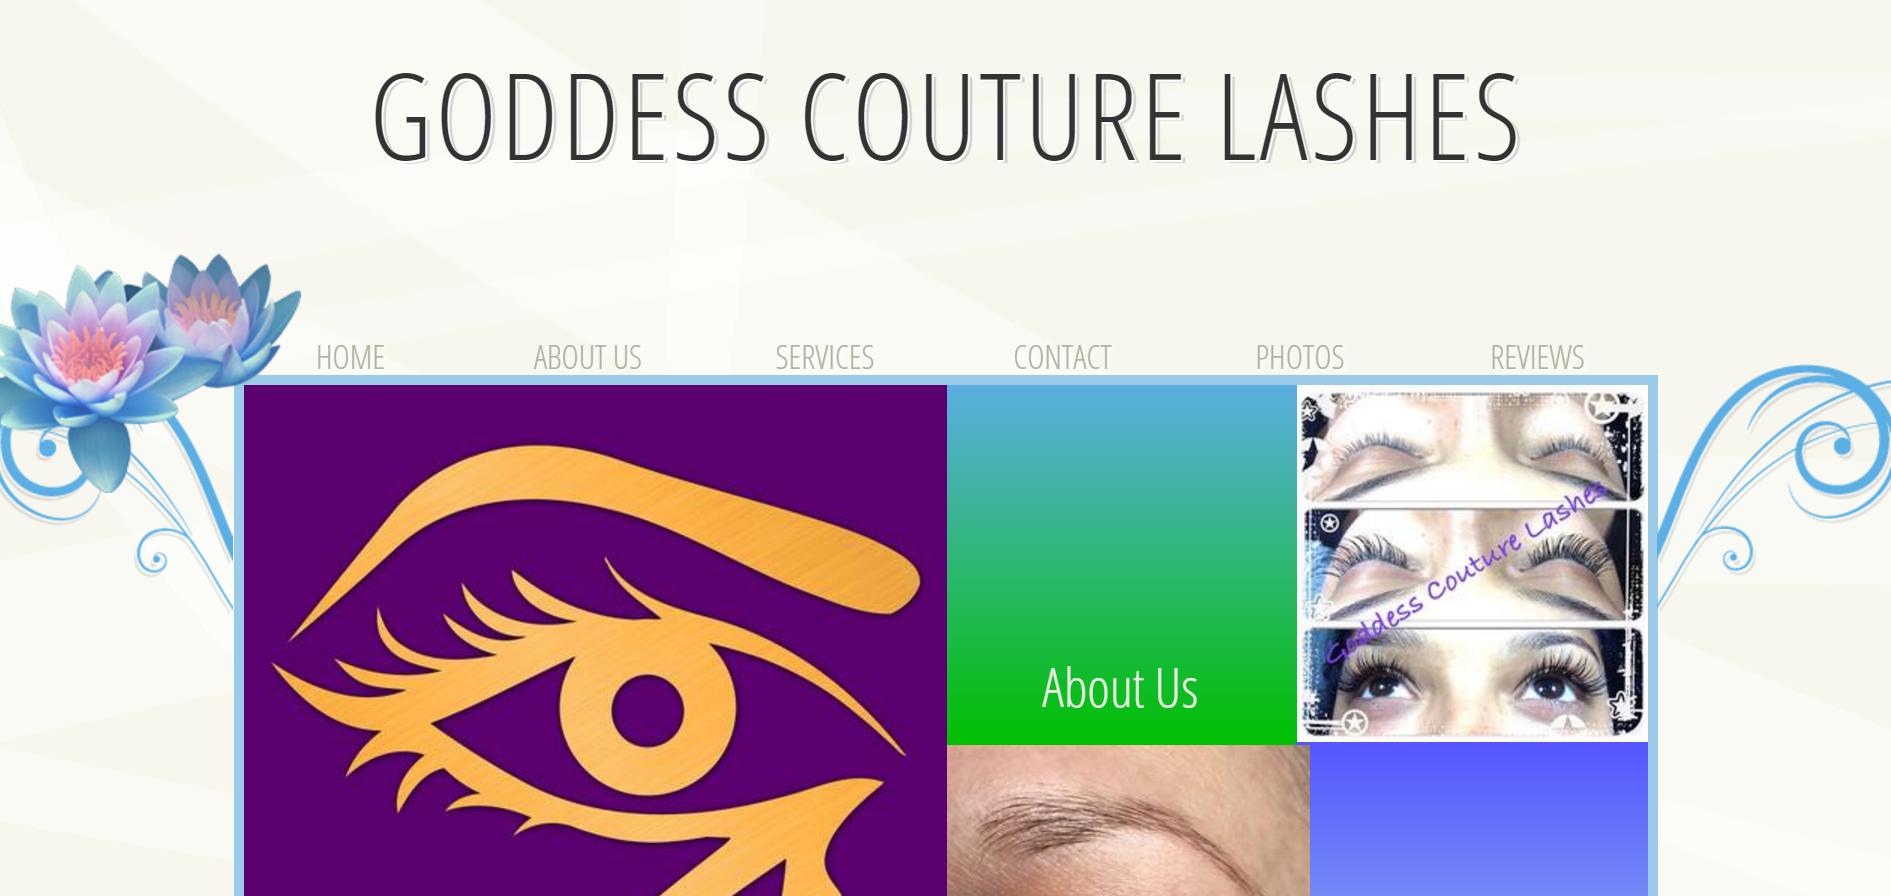 matt-anton-seo-goddess-couture-lashes